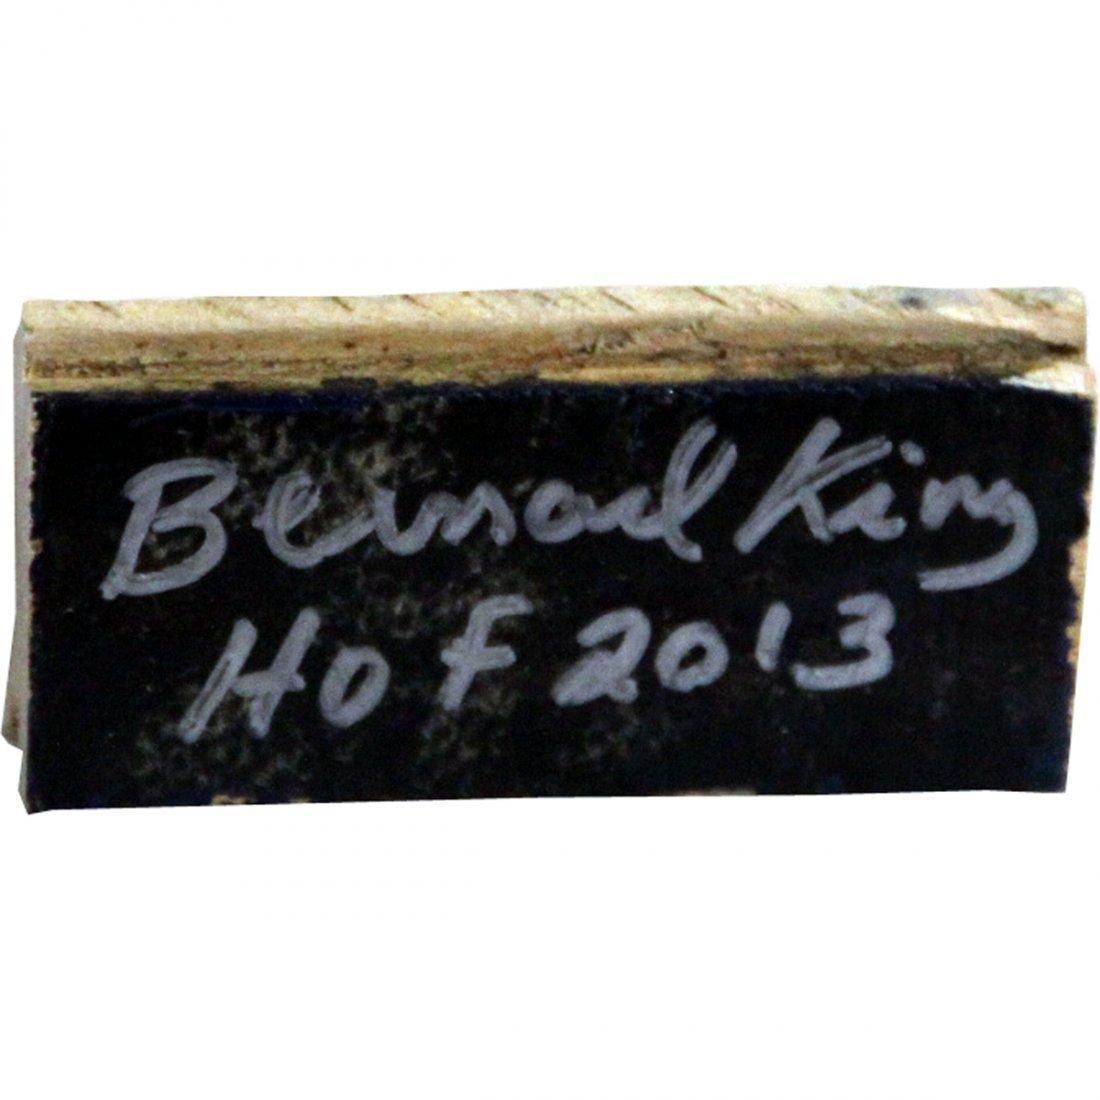 Bernard King Signed 2x3 MSG Court Piece w/ HOF insc (Si